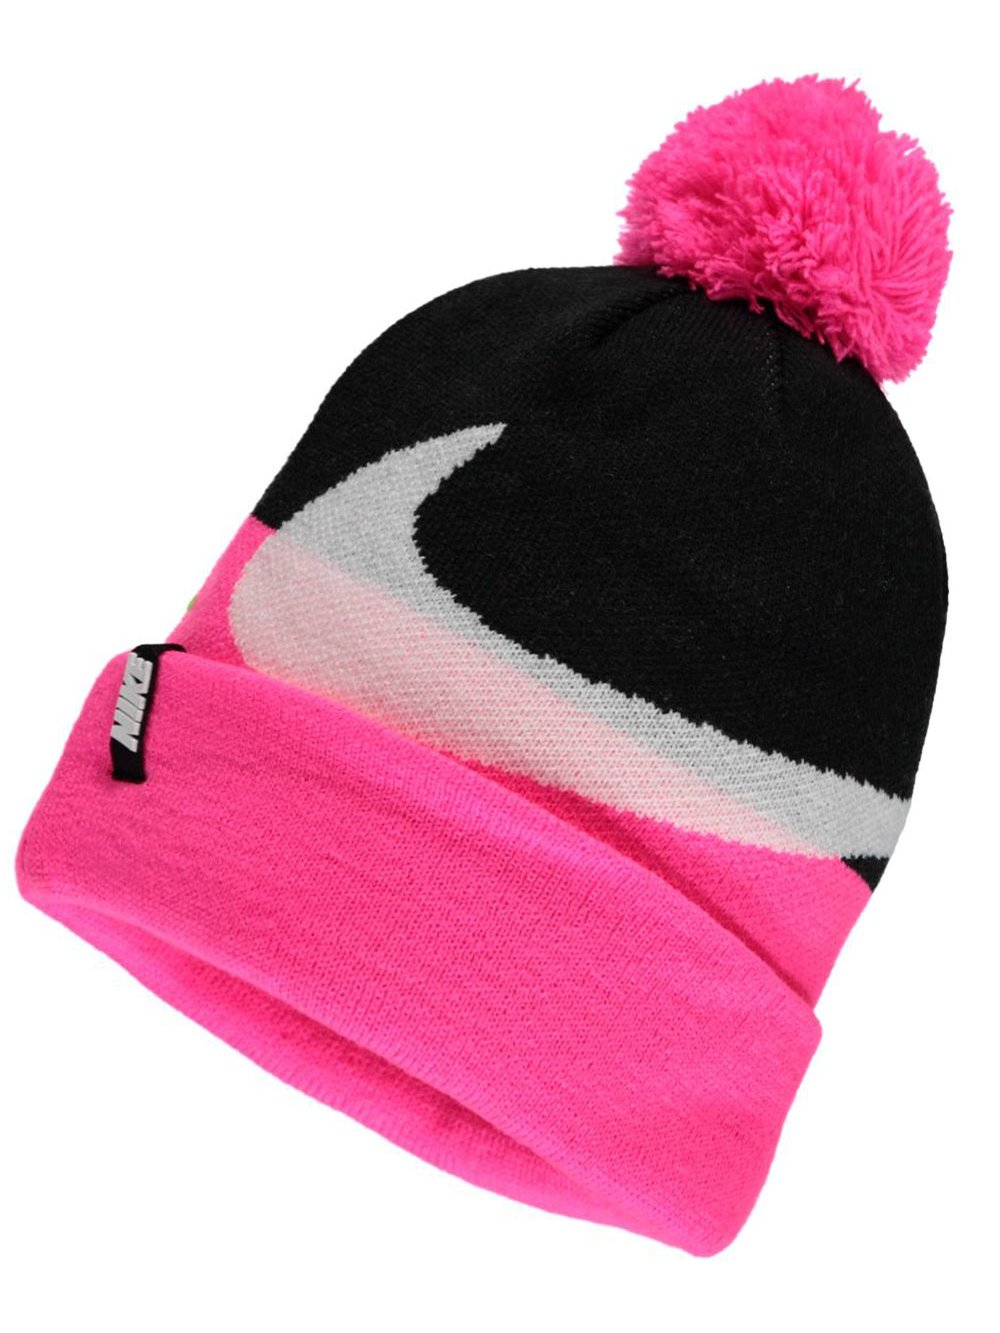 Nike Swoosh Knit Beanie - Girls - Black Pink Pow